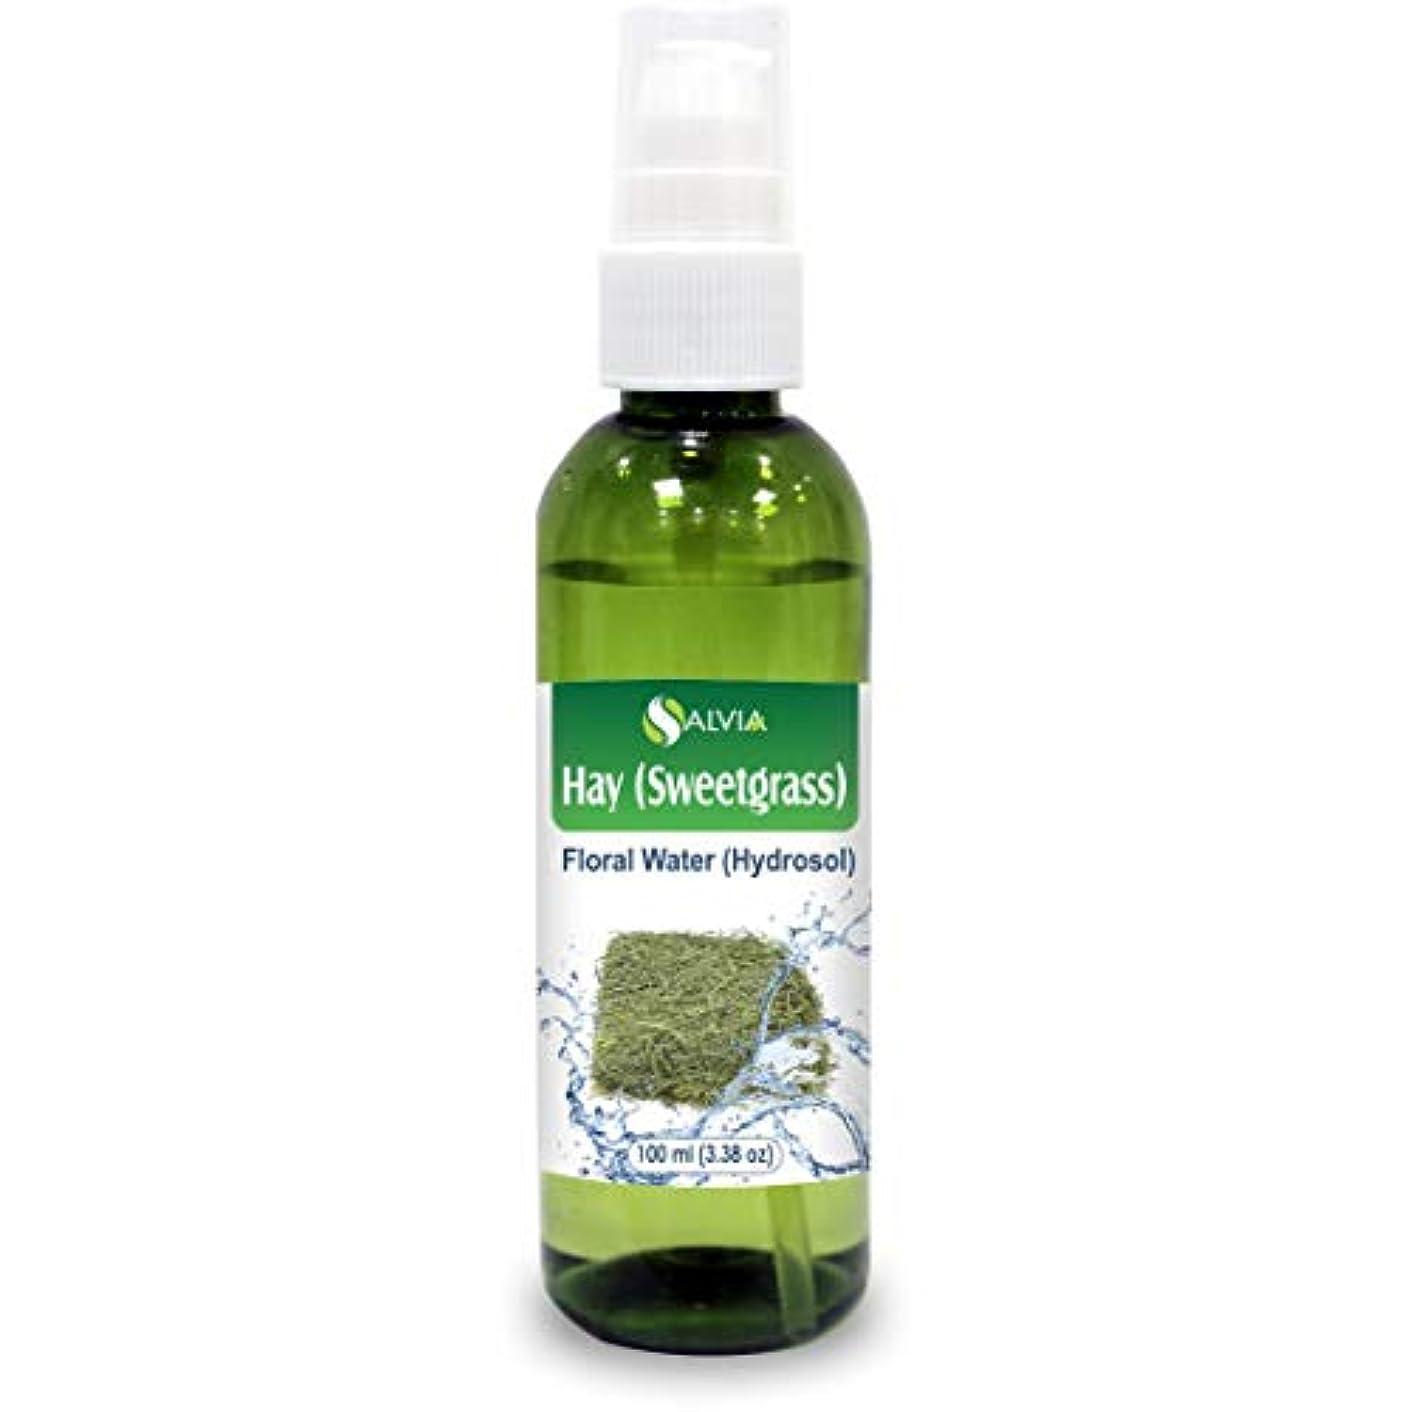 本質的に集まる霧深いHay (Sweetgrass) Floral Water 100ml (Hydrosol) 100% Pure And Natural